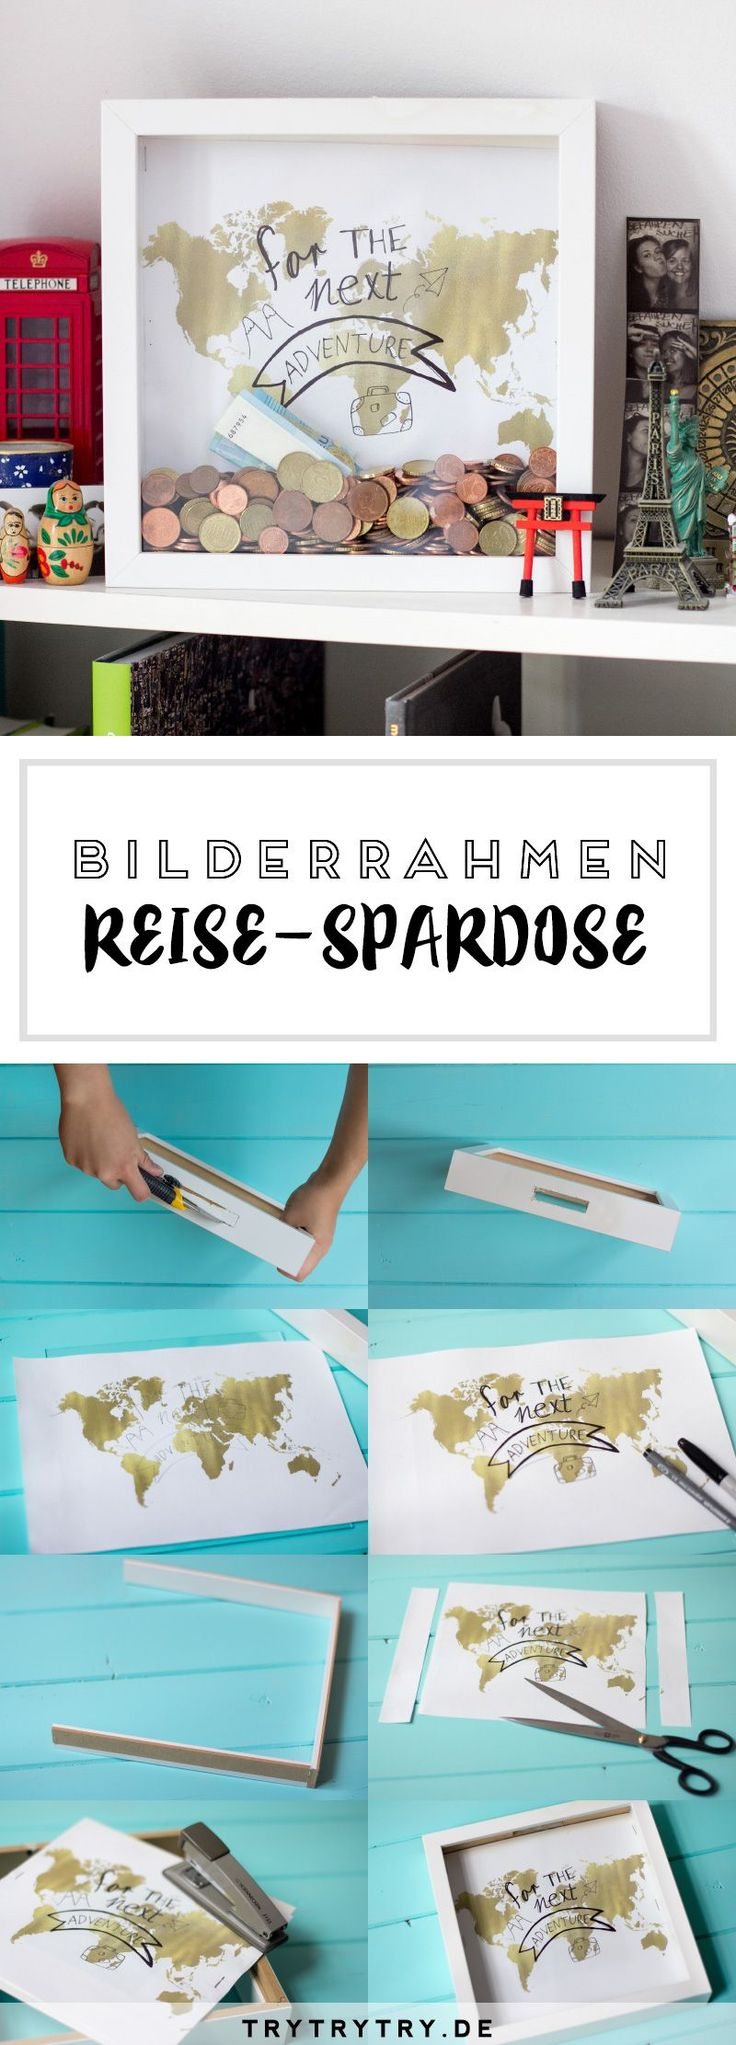 DIY Reise-Spardose & 7 Spartipps für die nächste Reise #reise #spardose